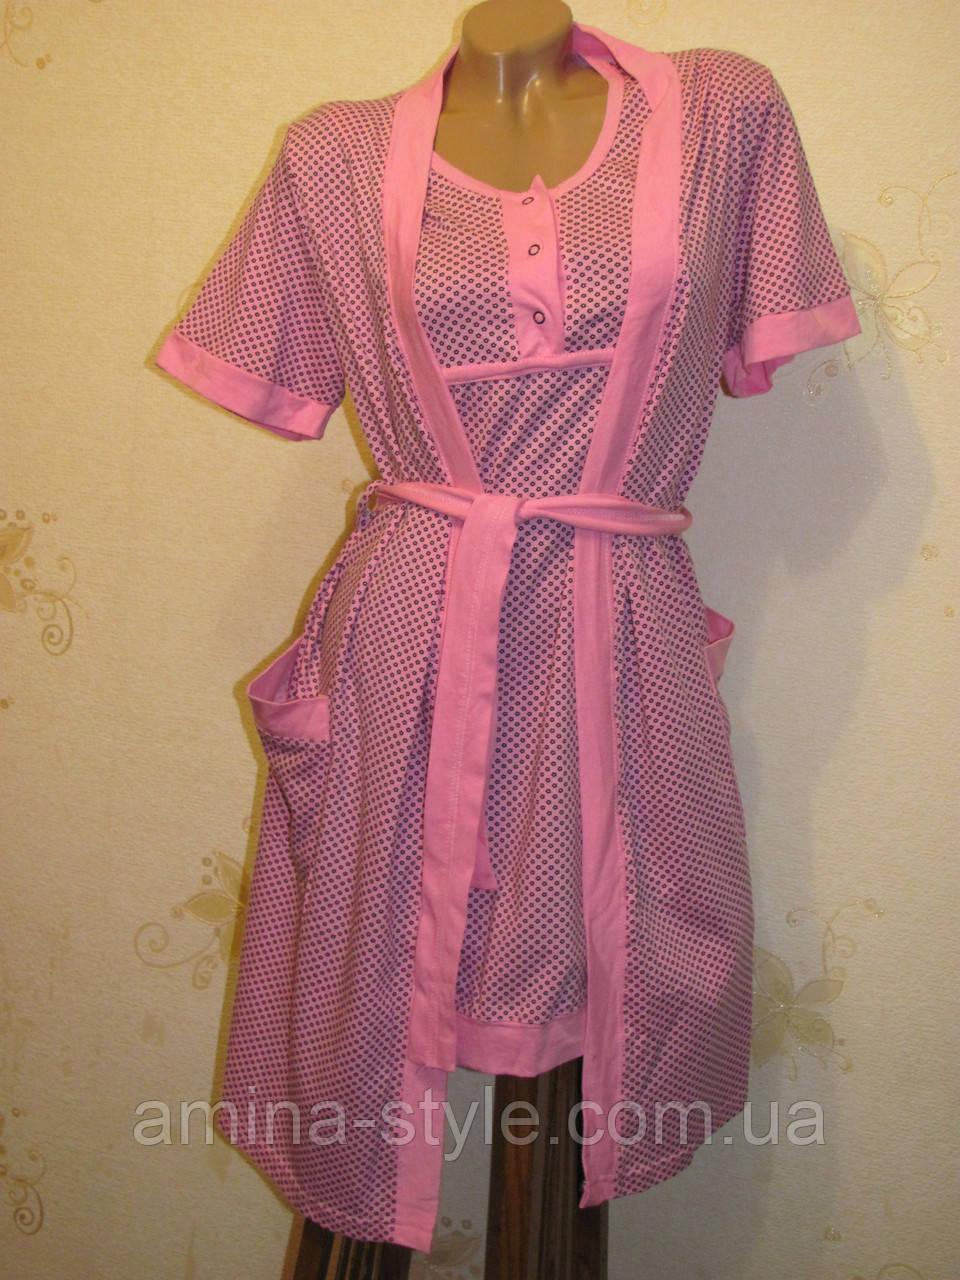 Женский набор - халат и ночная рубашка для беременных и кормлящих, хлопок. , фото 1